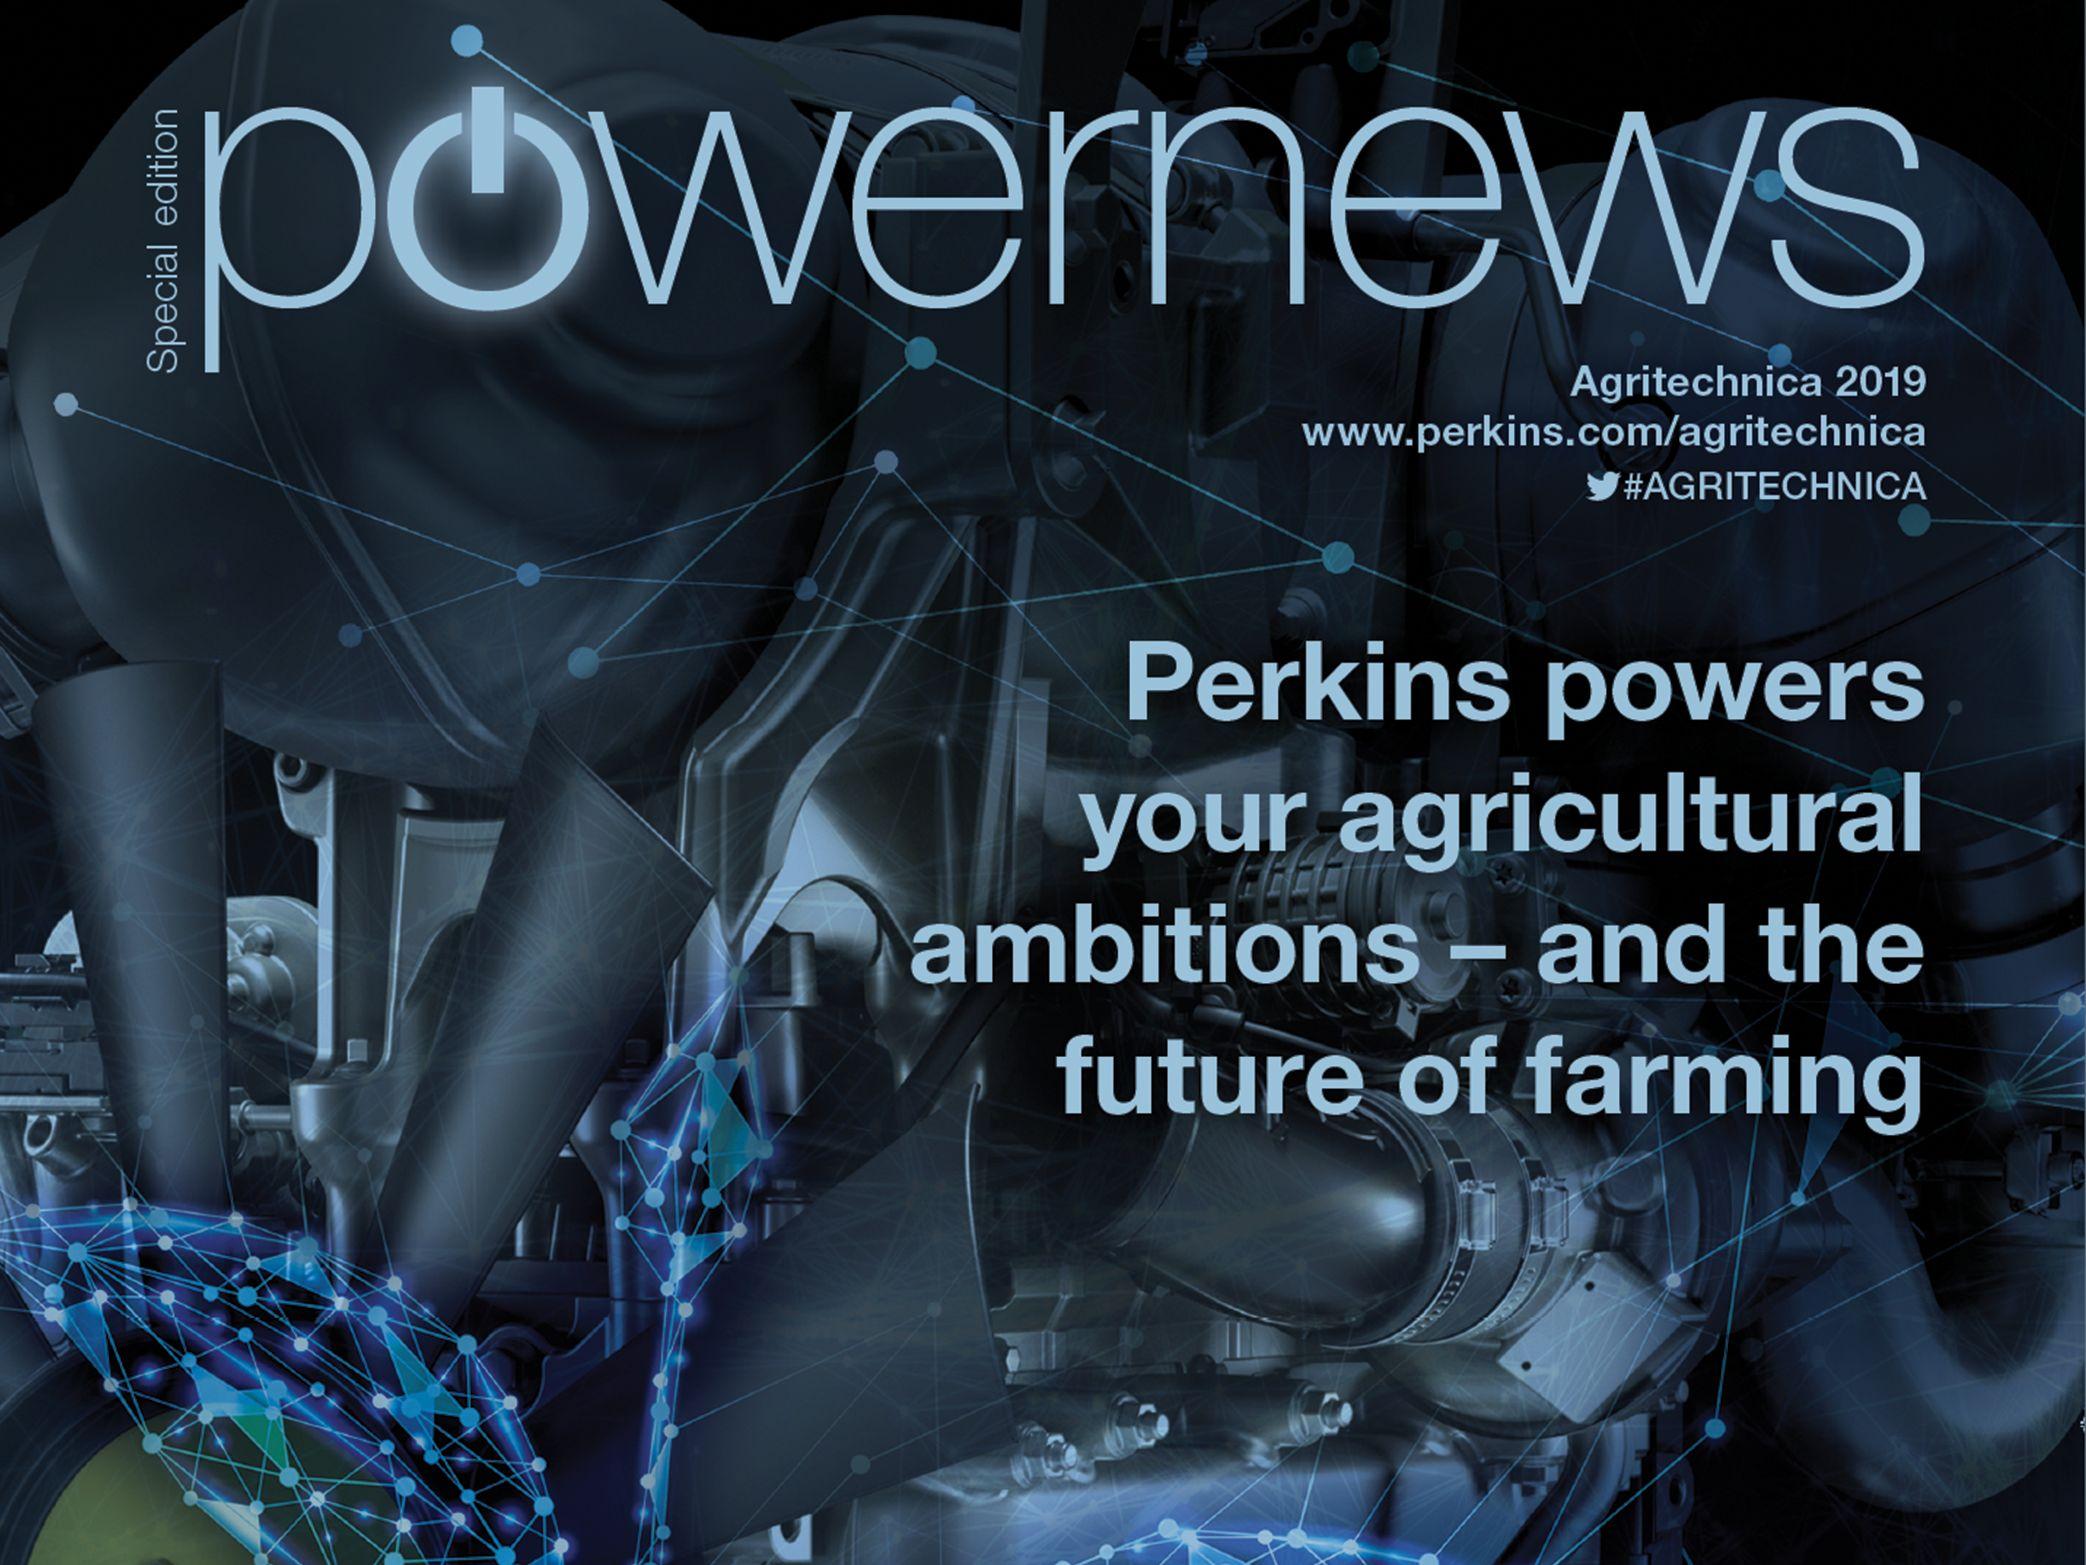 Powernews Magazine